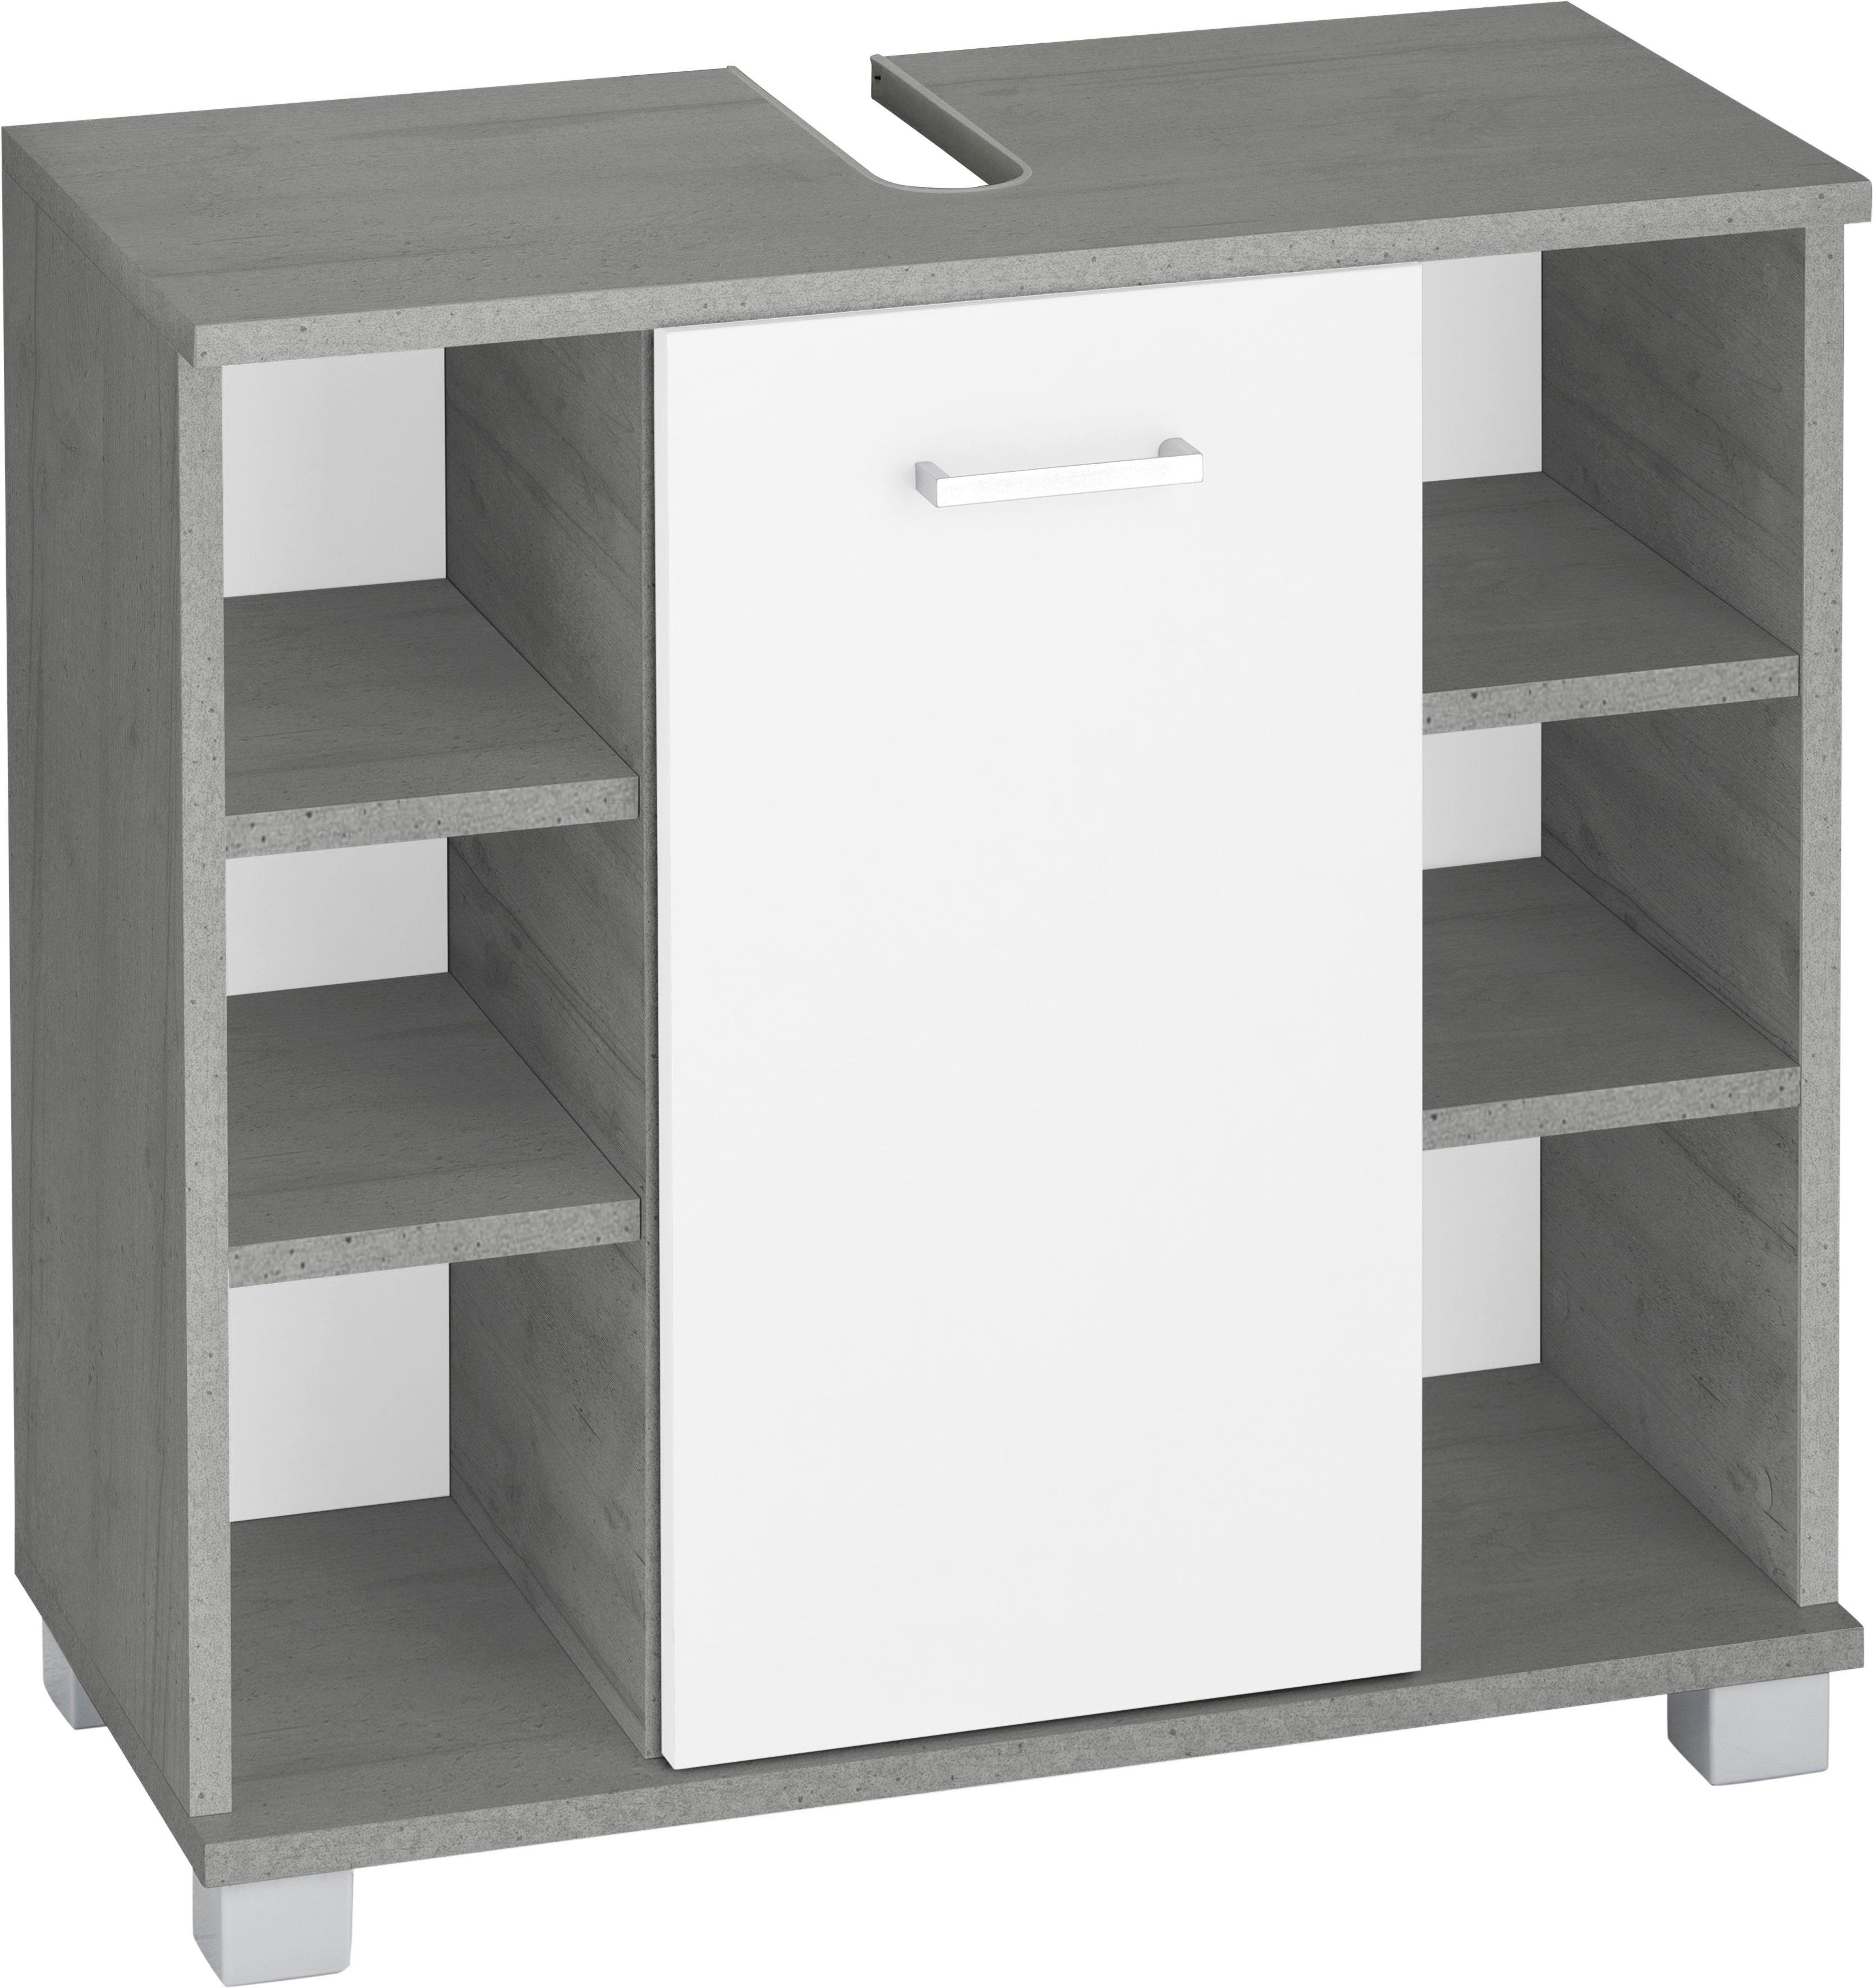 Schildmeyer wastafelonderkast Mobes Breedte x hoogte: 65,1x62,4 cm, badkamerkast met deur en praktische schappen, uitsparing voor afvoerleiding nu online kopen bij OTTO